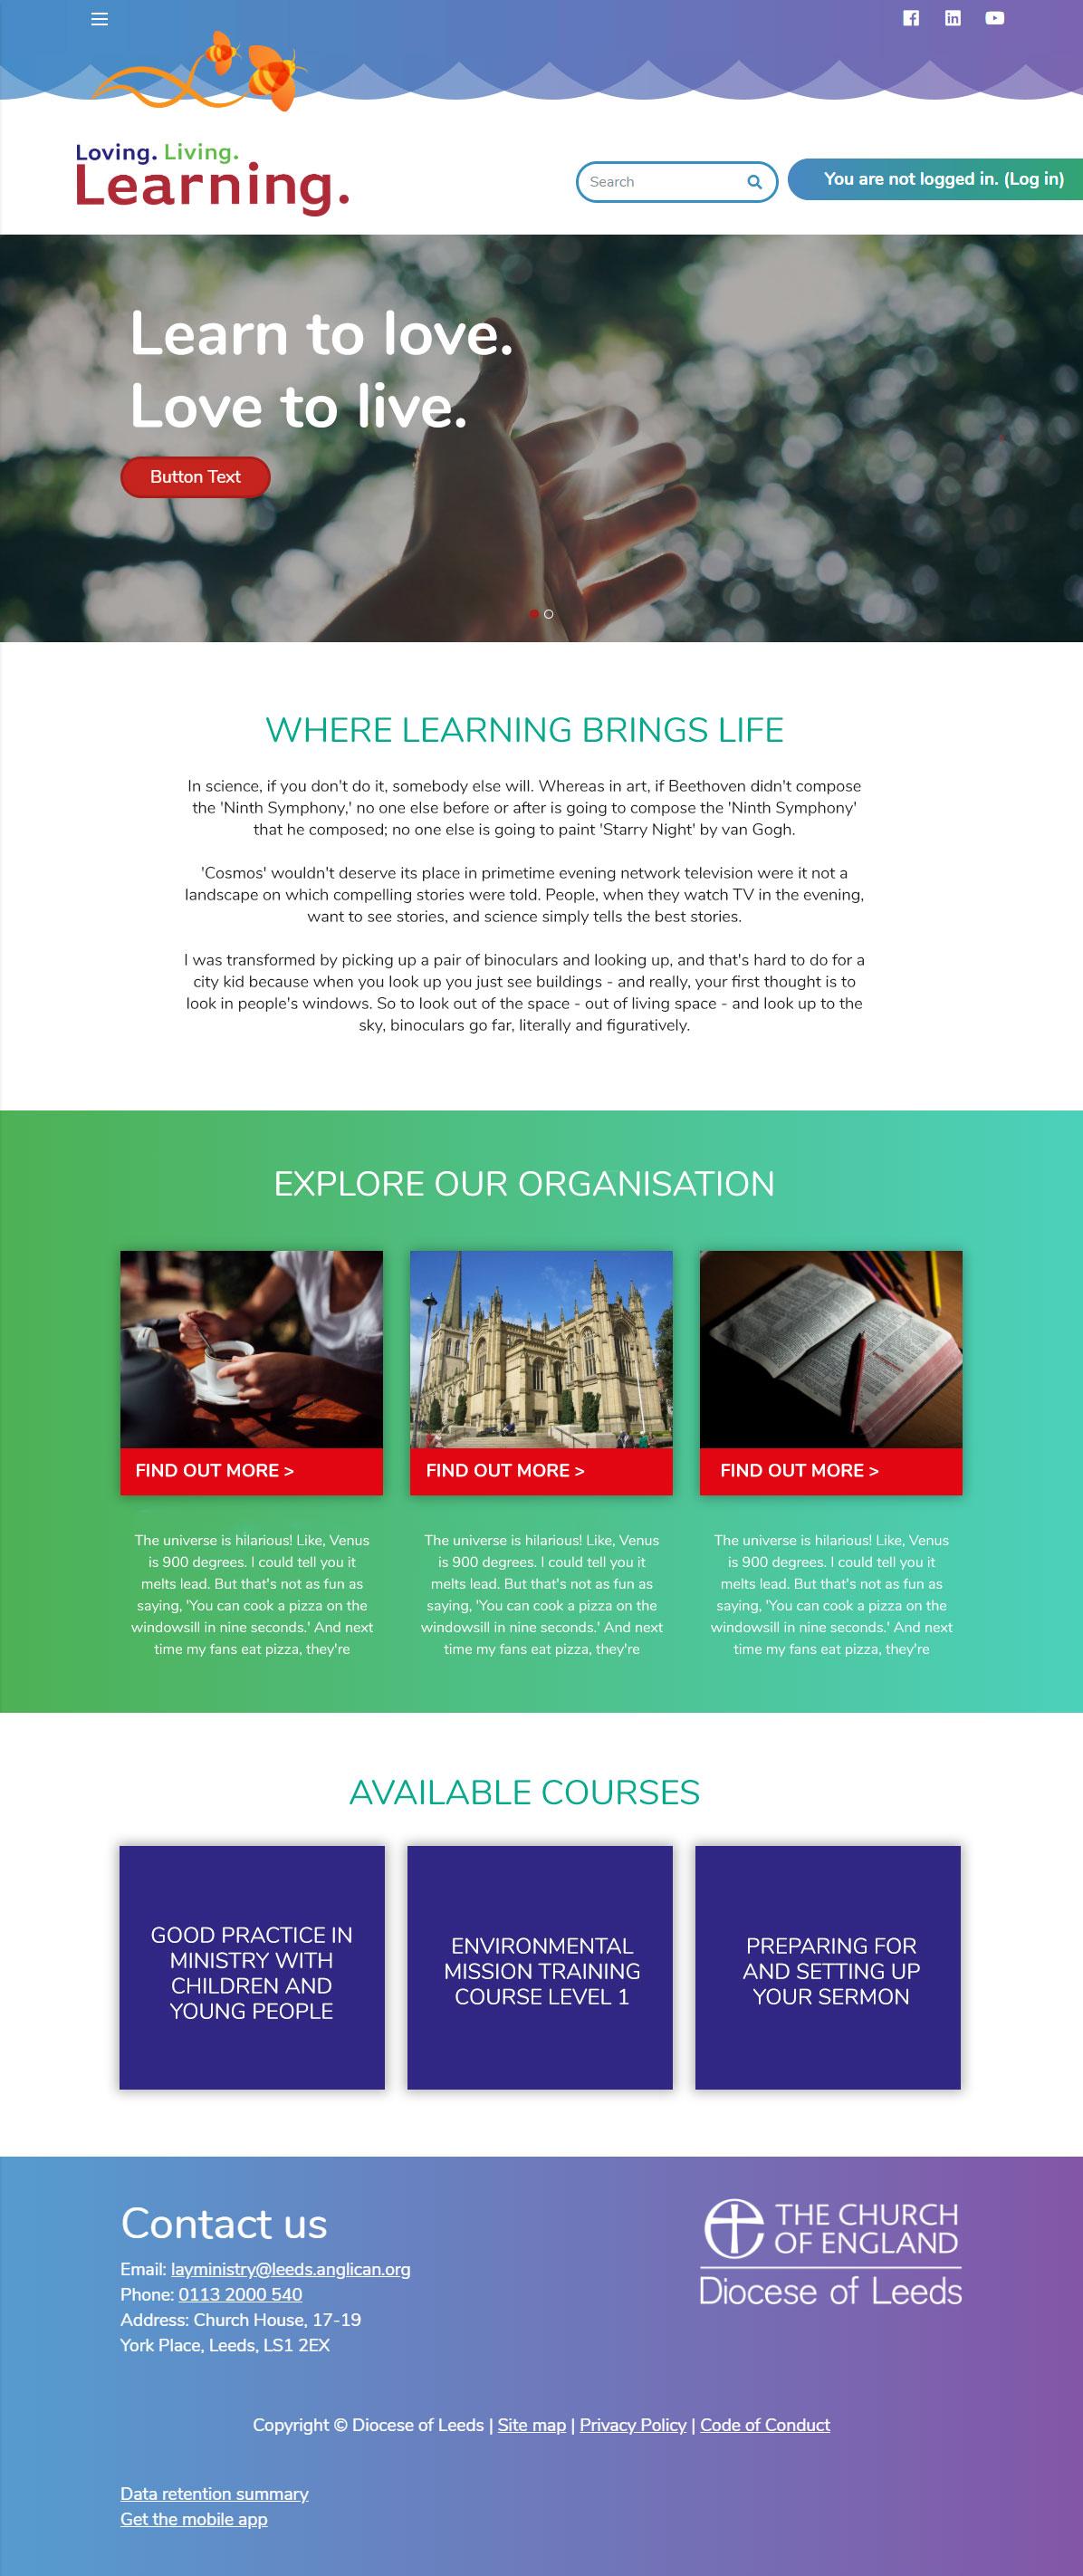 Brand It - Leeds Diocese - Desktop